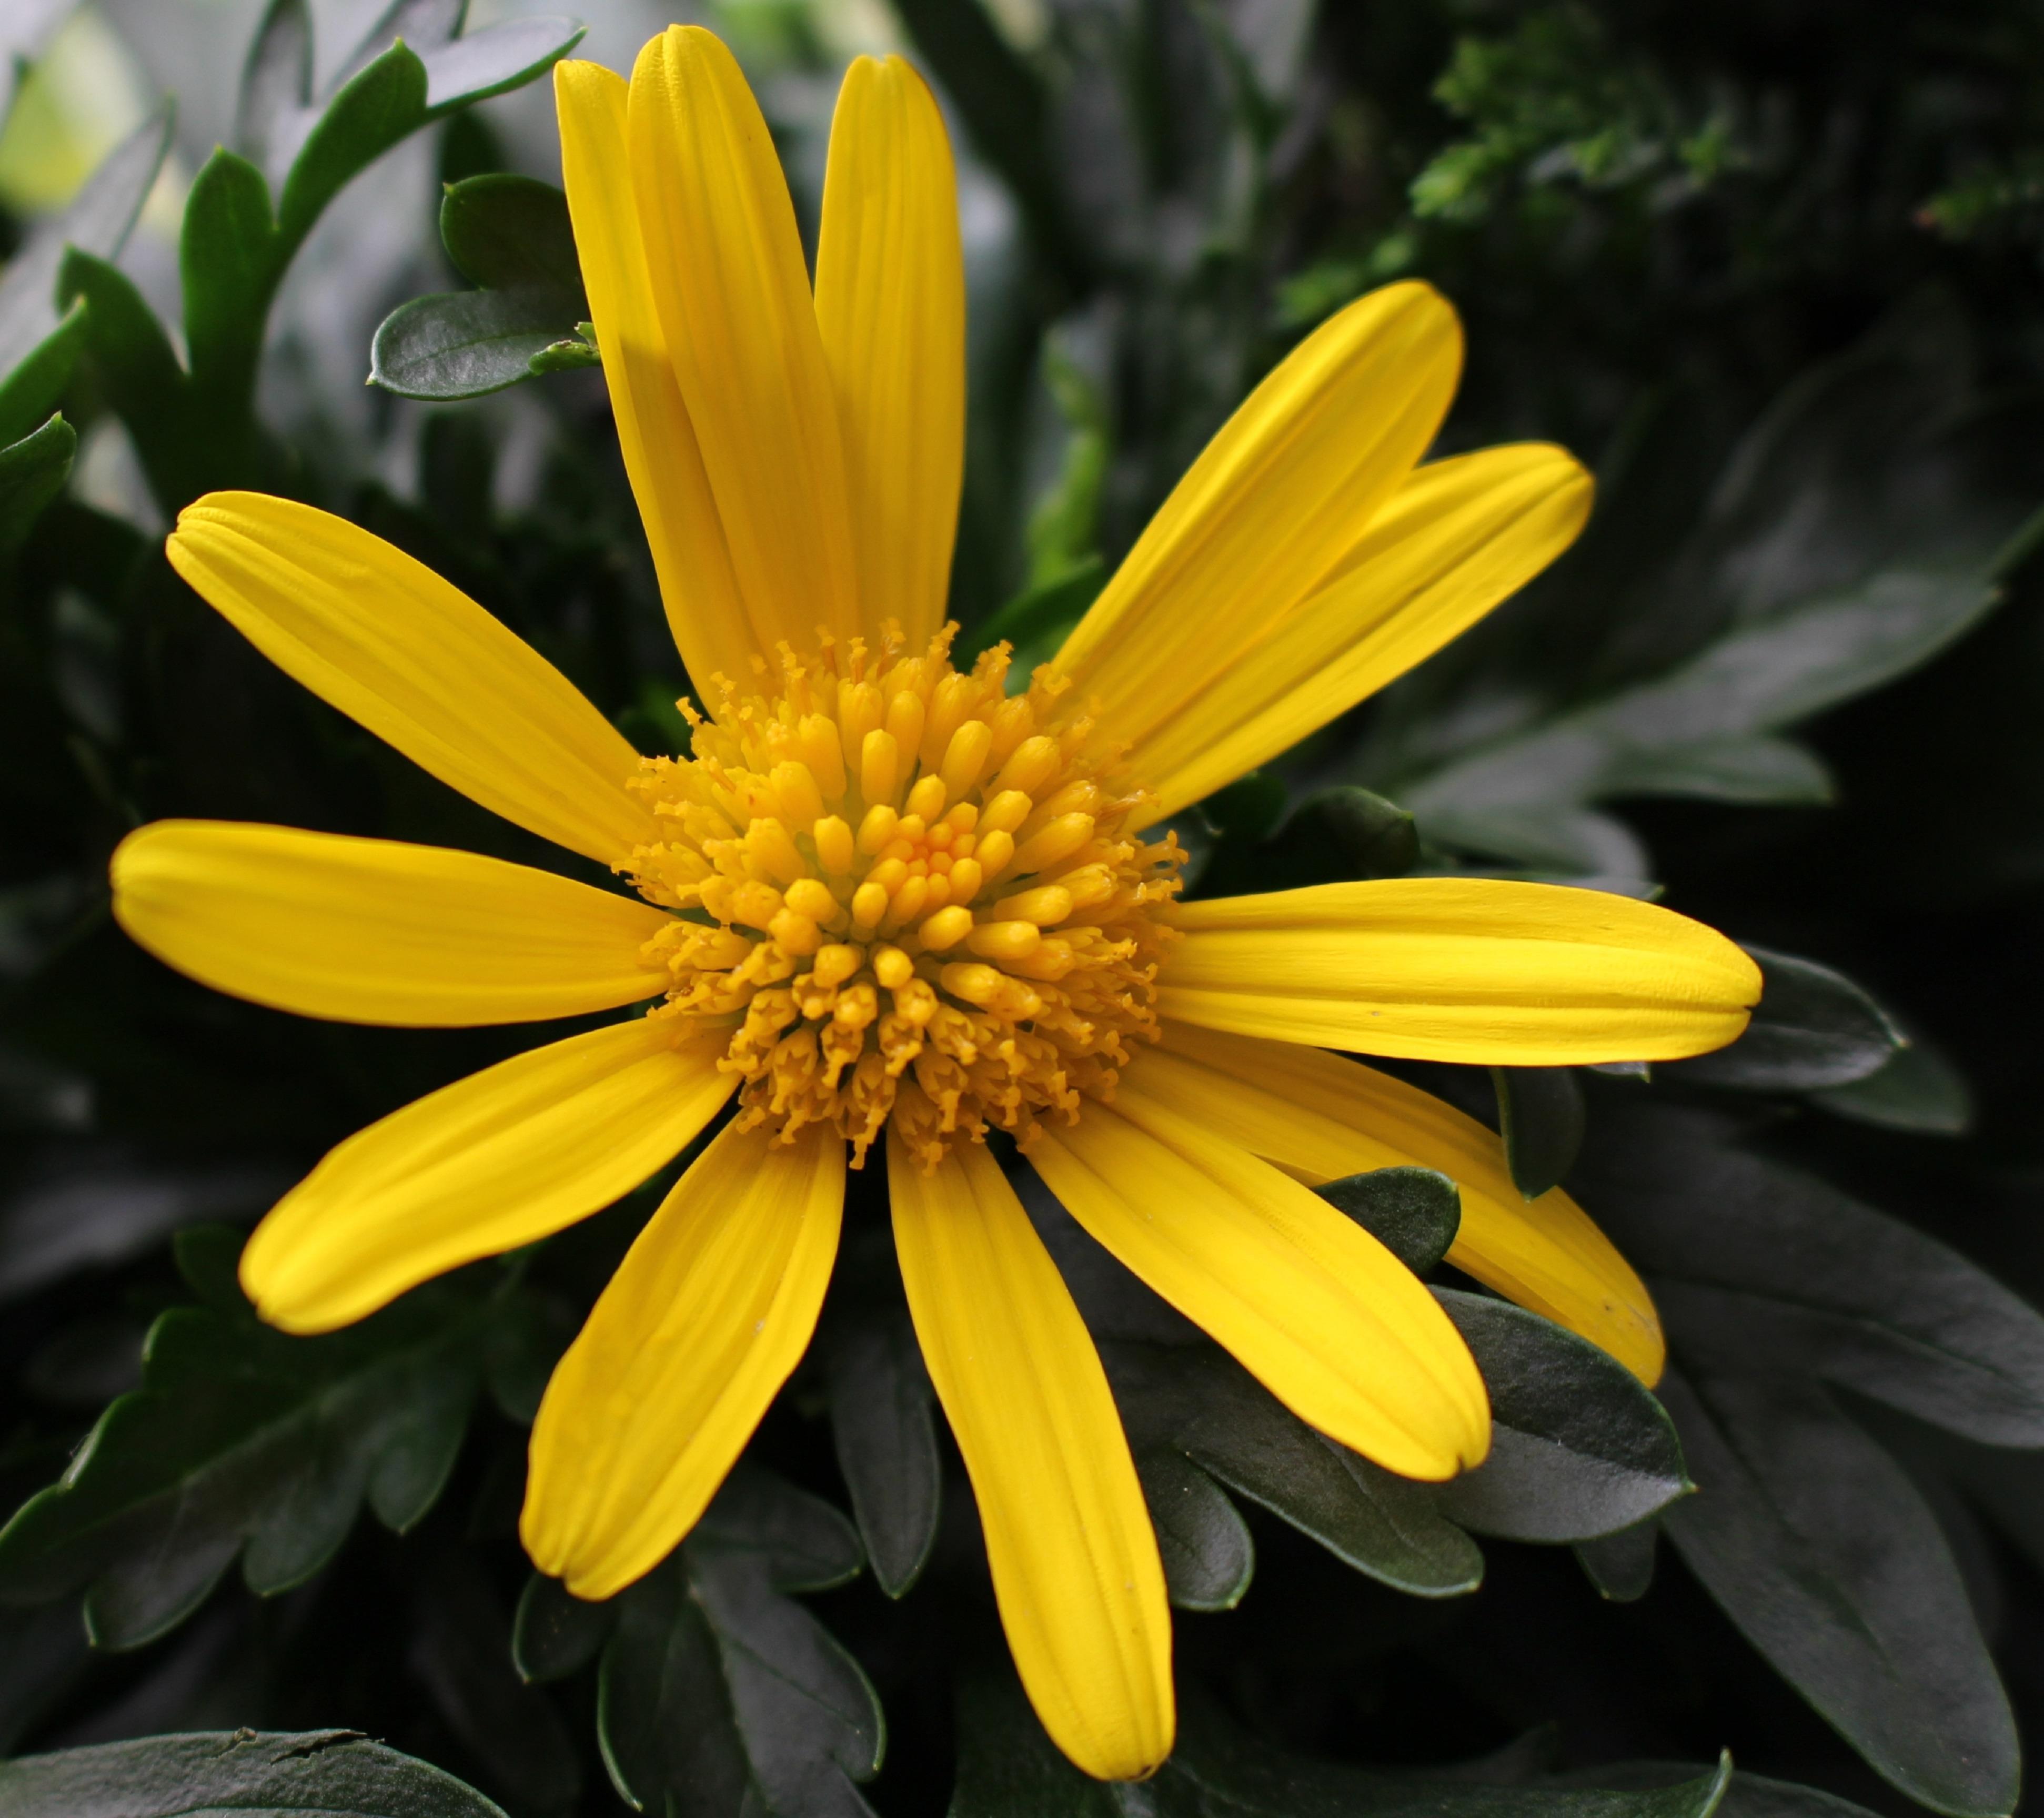 Images Gratuites Fleur Petale Floraison Ete Marguerite